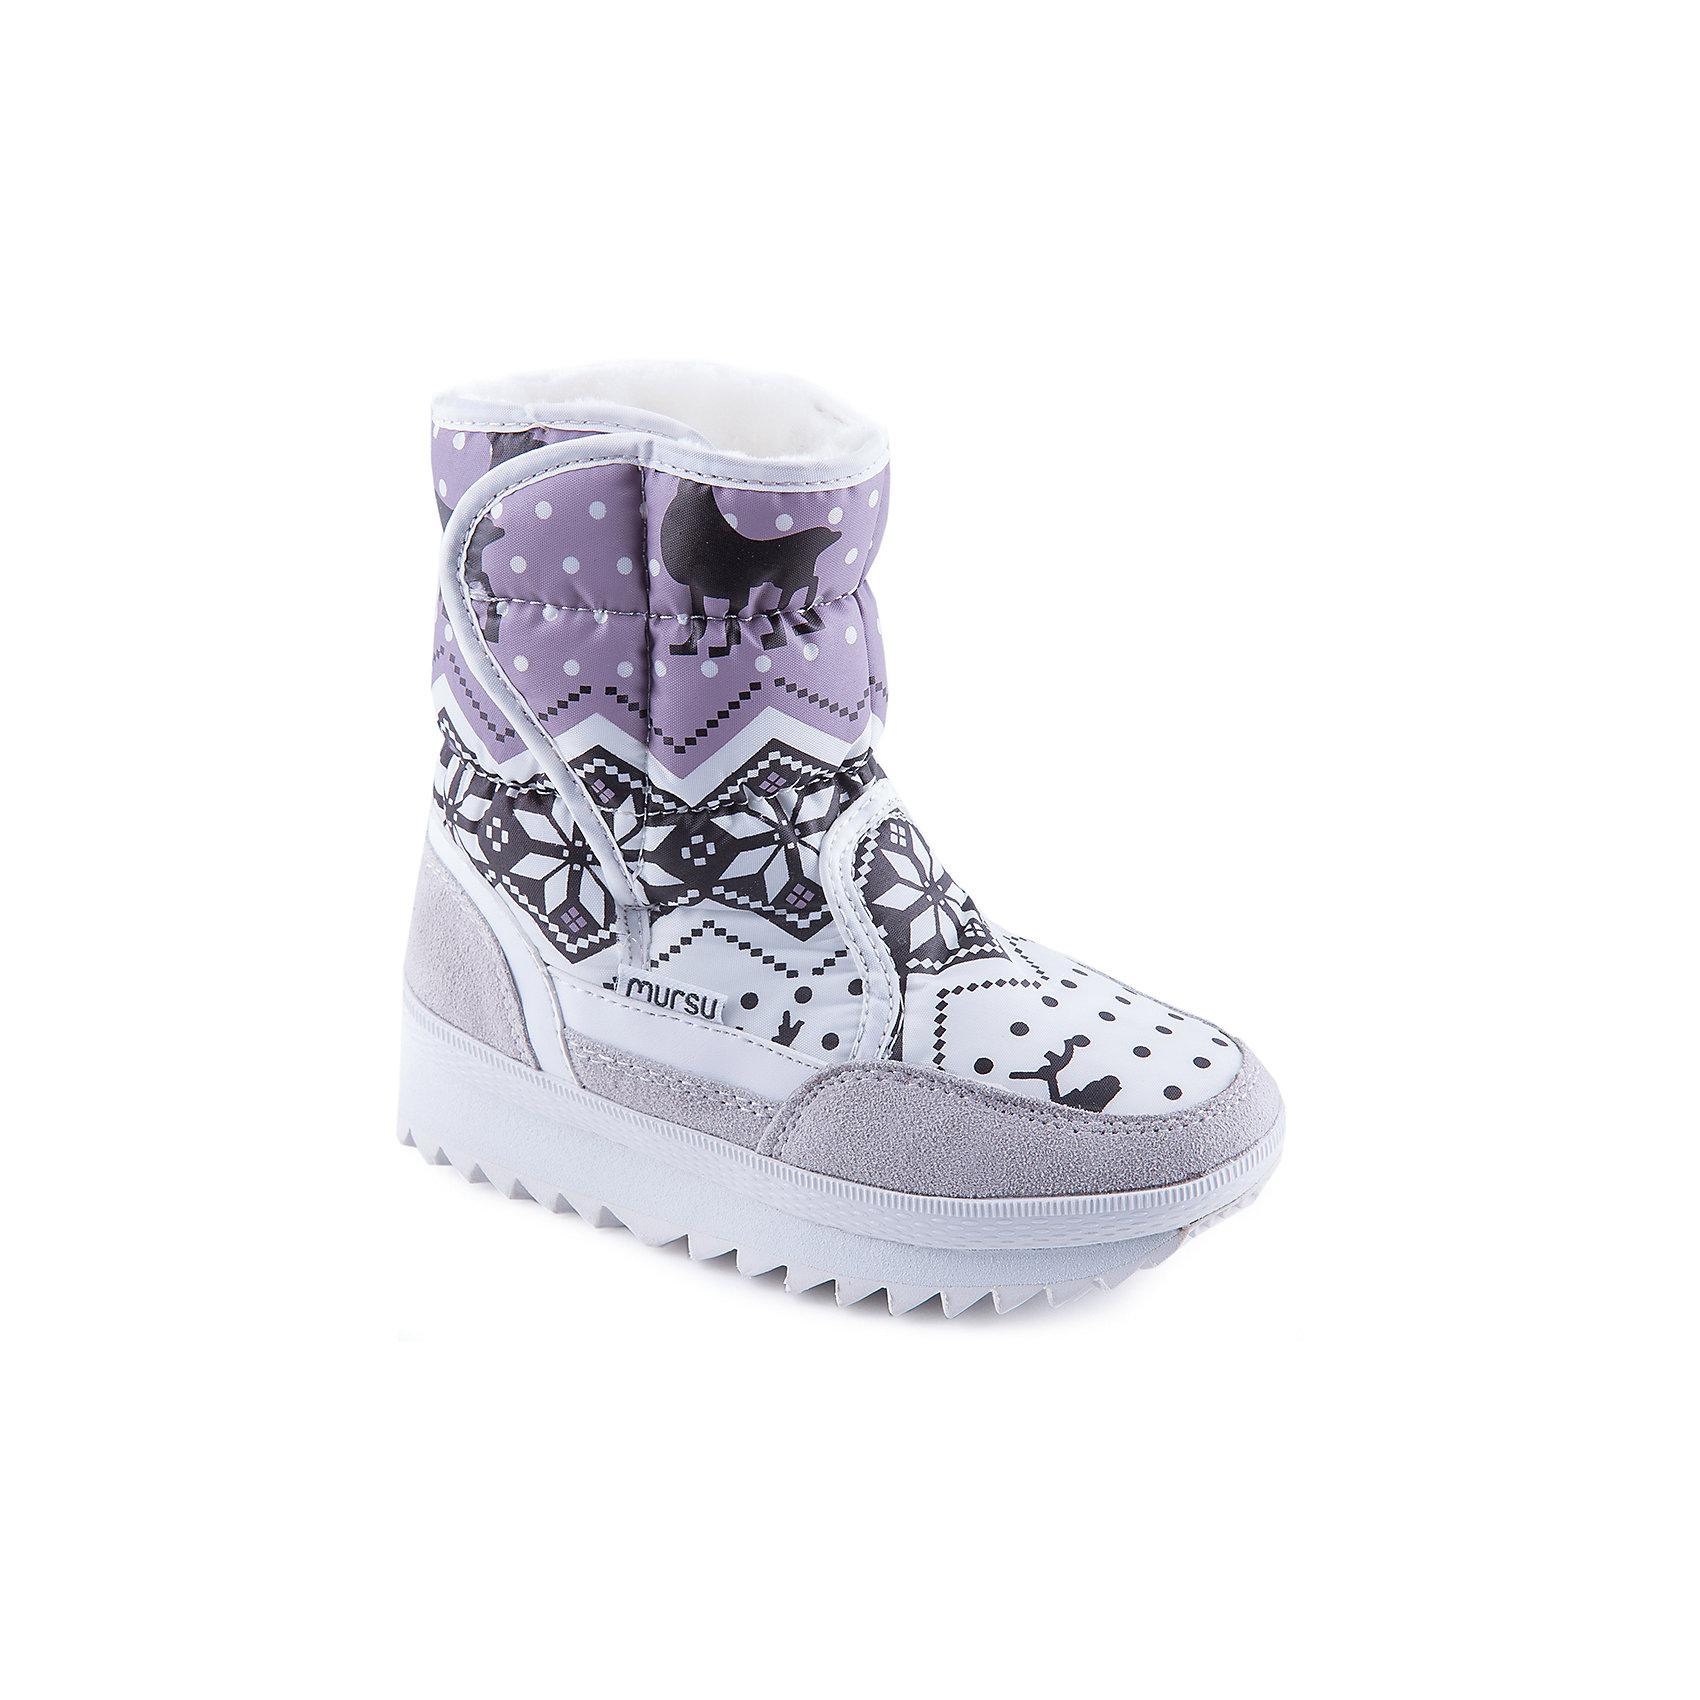 Сапоги для девочки MURSUСтильные сапоги от известного бренда MURSU порадуют всех юных модниц. Модель имеет толстую рифленую подошву, отлично защищающую ноги от холода и скольжения, выполнена из высококачественных материалов, очень хорошо смотрится на ноге.  Ботинки с усиленным задником декорированы актуальным принтом, застегиваются на липучку. Прекрасный вариант на холодную погоду. <br><br>Дополнительная информация:<br><br>- Сезон: зима/осень.<br>- Тепловой режим: от -5? до -25? <br>- Цвет: серый, белый, розовый. <br>- Рифленая подошва.<br>- Тип застежки: липучка.<br>- Декоративные элементы: принт. <br><br>Состав:<br>- Материал верха: текстиль/ искусственная замша.<br>- Материал подкладки: искусственная шерсть.<br>- Материал подошвы: TEP.<br>- Материал стельки: искусственная шерсть.<br><br>Сапоги для девочки MURSU (Мурсу) можно купить в нашем магазине.<br><br>Ширина мм: 257<br>Глубина мм: 180<br>Высота мм: 130<br>Вес г: 420<br>Цвет: белый<br>Возраст от месяцев: 108<br>Возраст до месяцев: 120<br>Пол: Женский<br>Возраст: Детский<br>Размер: 33,32,30,35,34,31<br>SKU: 4202737